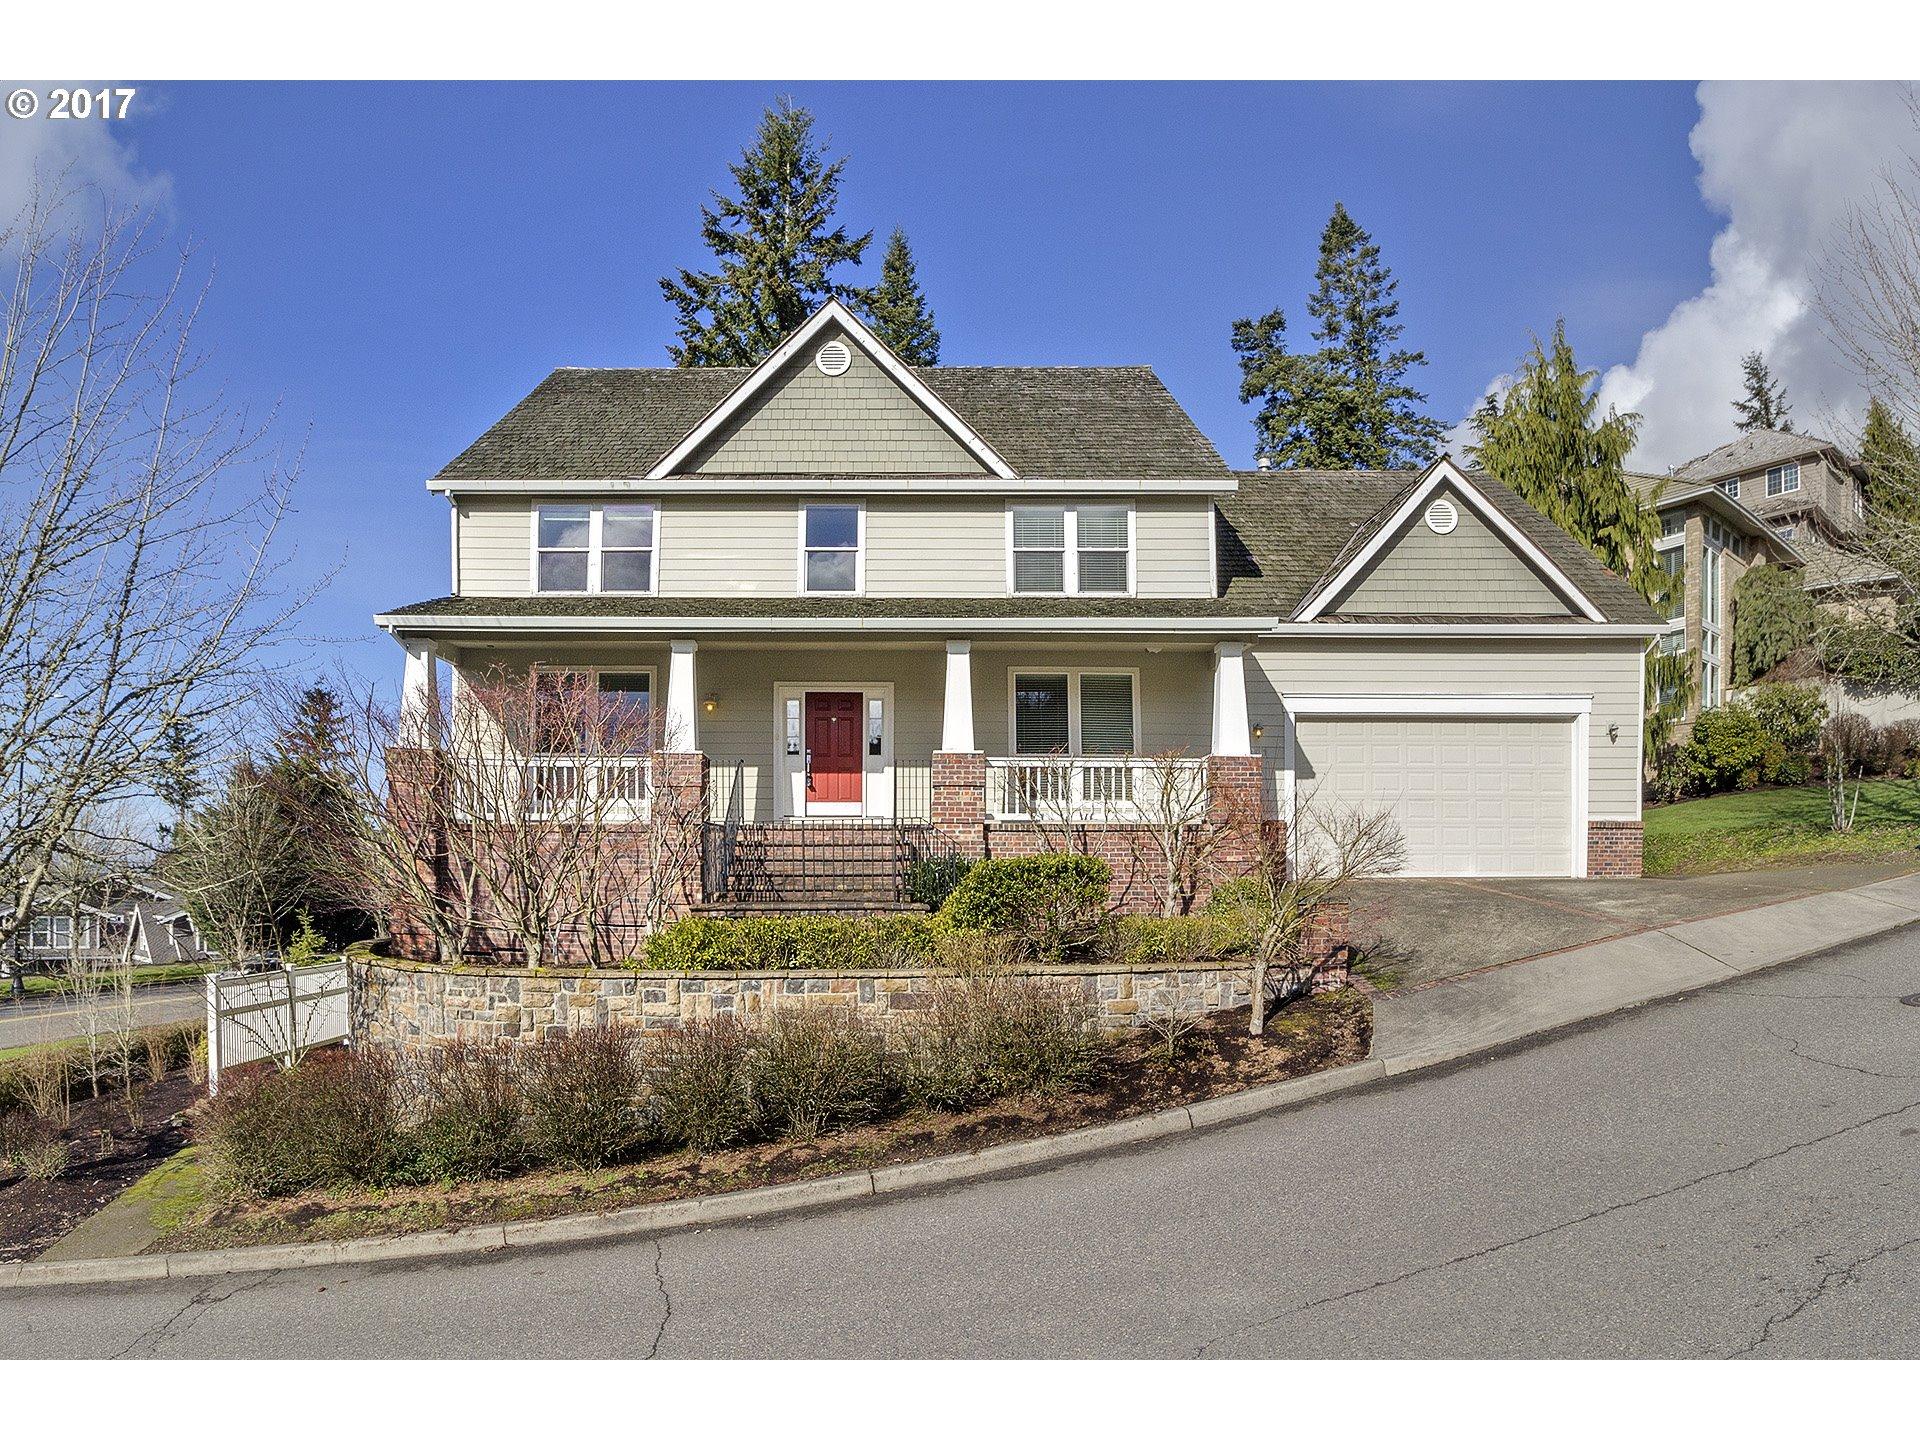 8441 NW HAWKINS BLVD, Portland, OR 97229